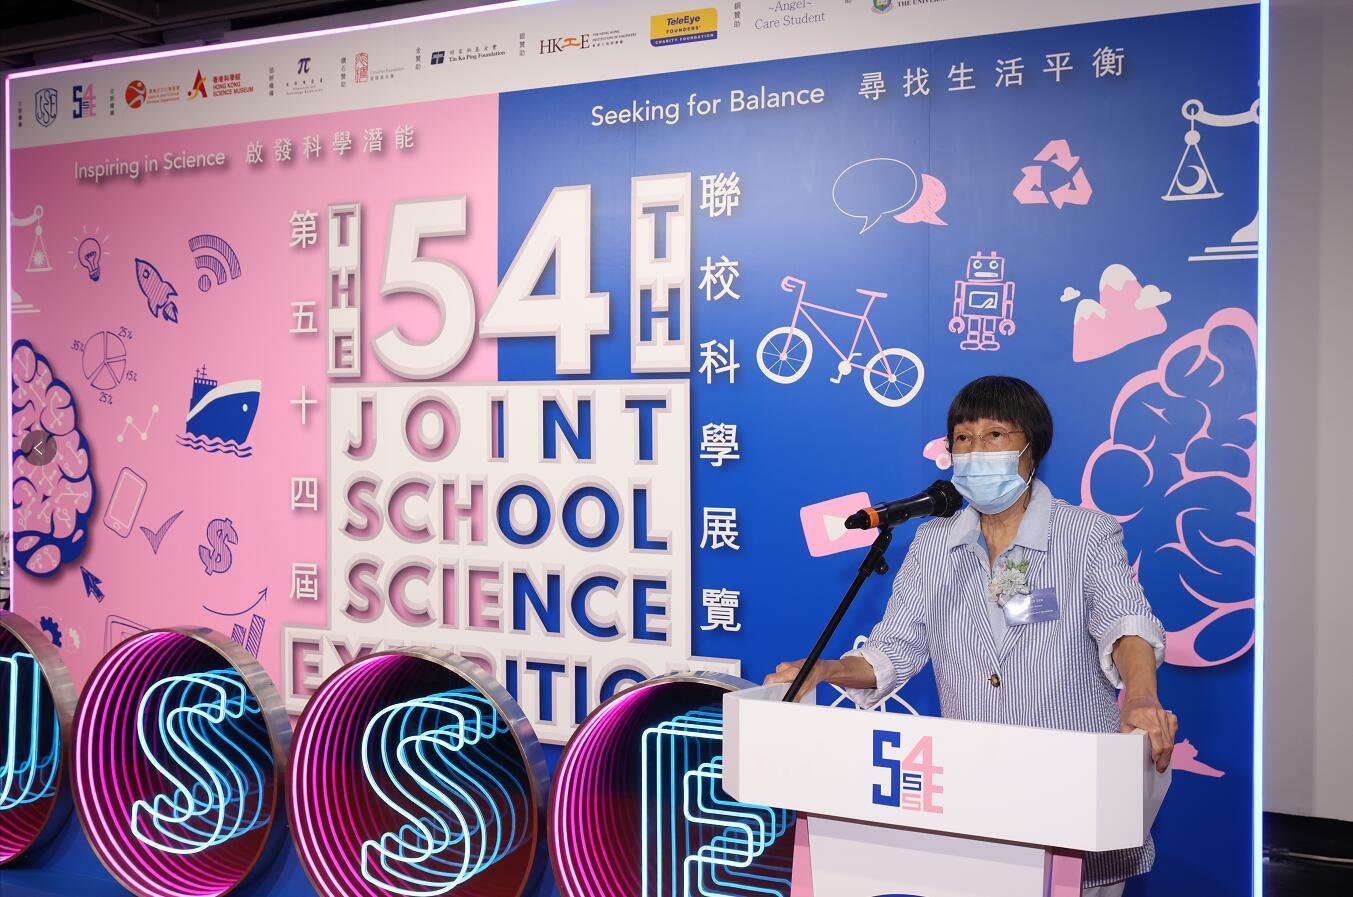 第54屆聯校科學展覽於今日舉行閉幕禮